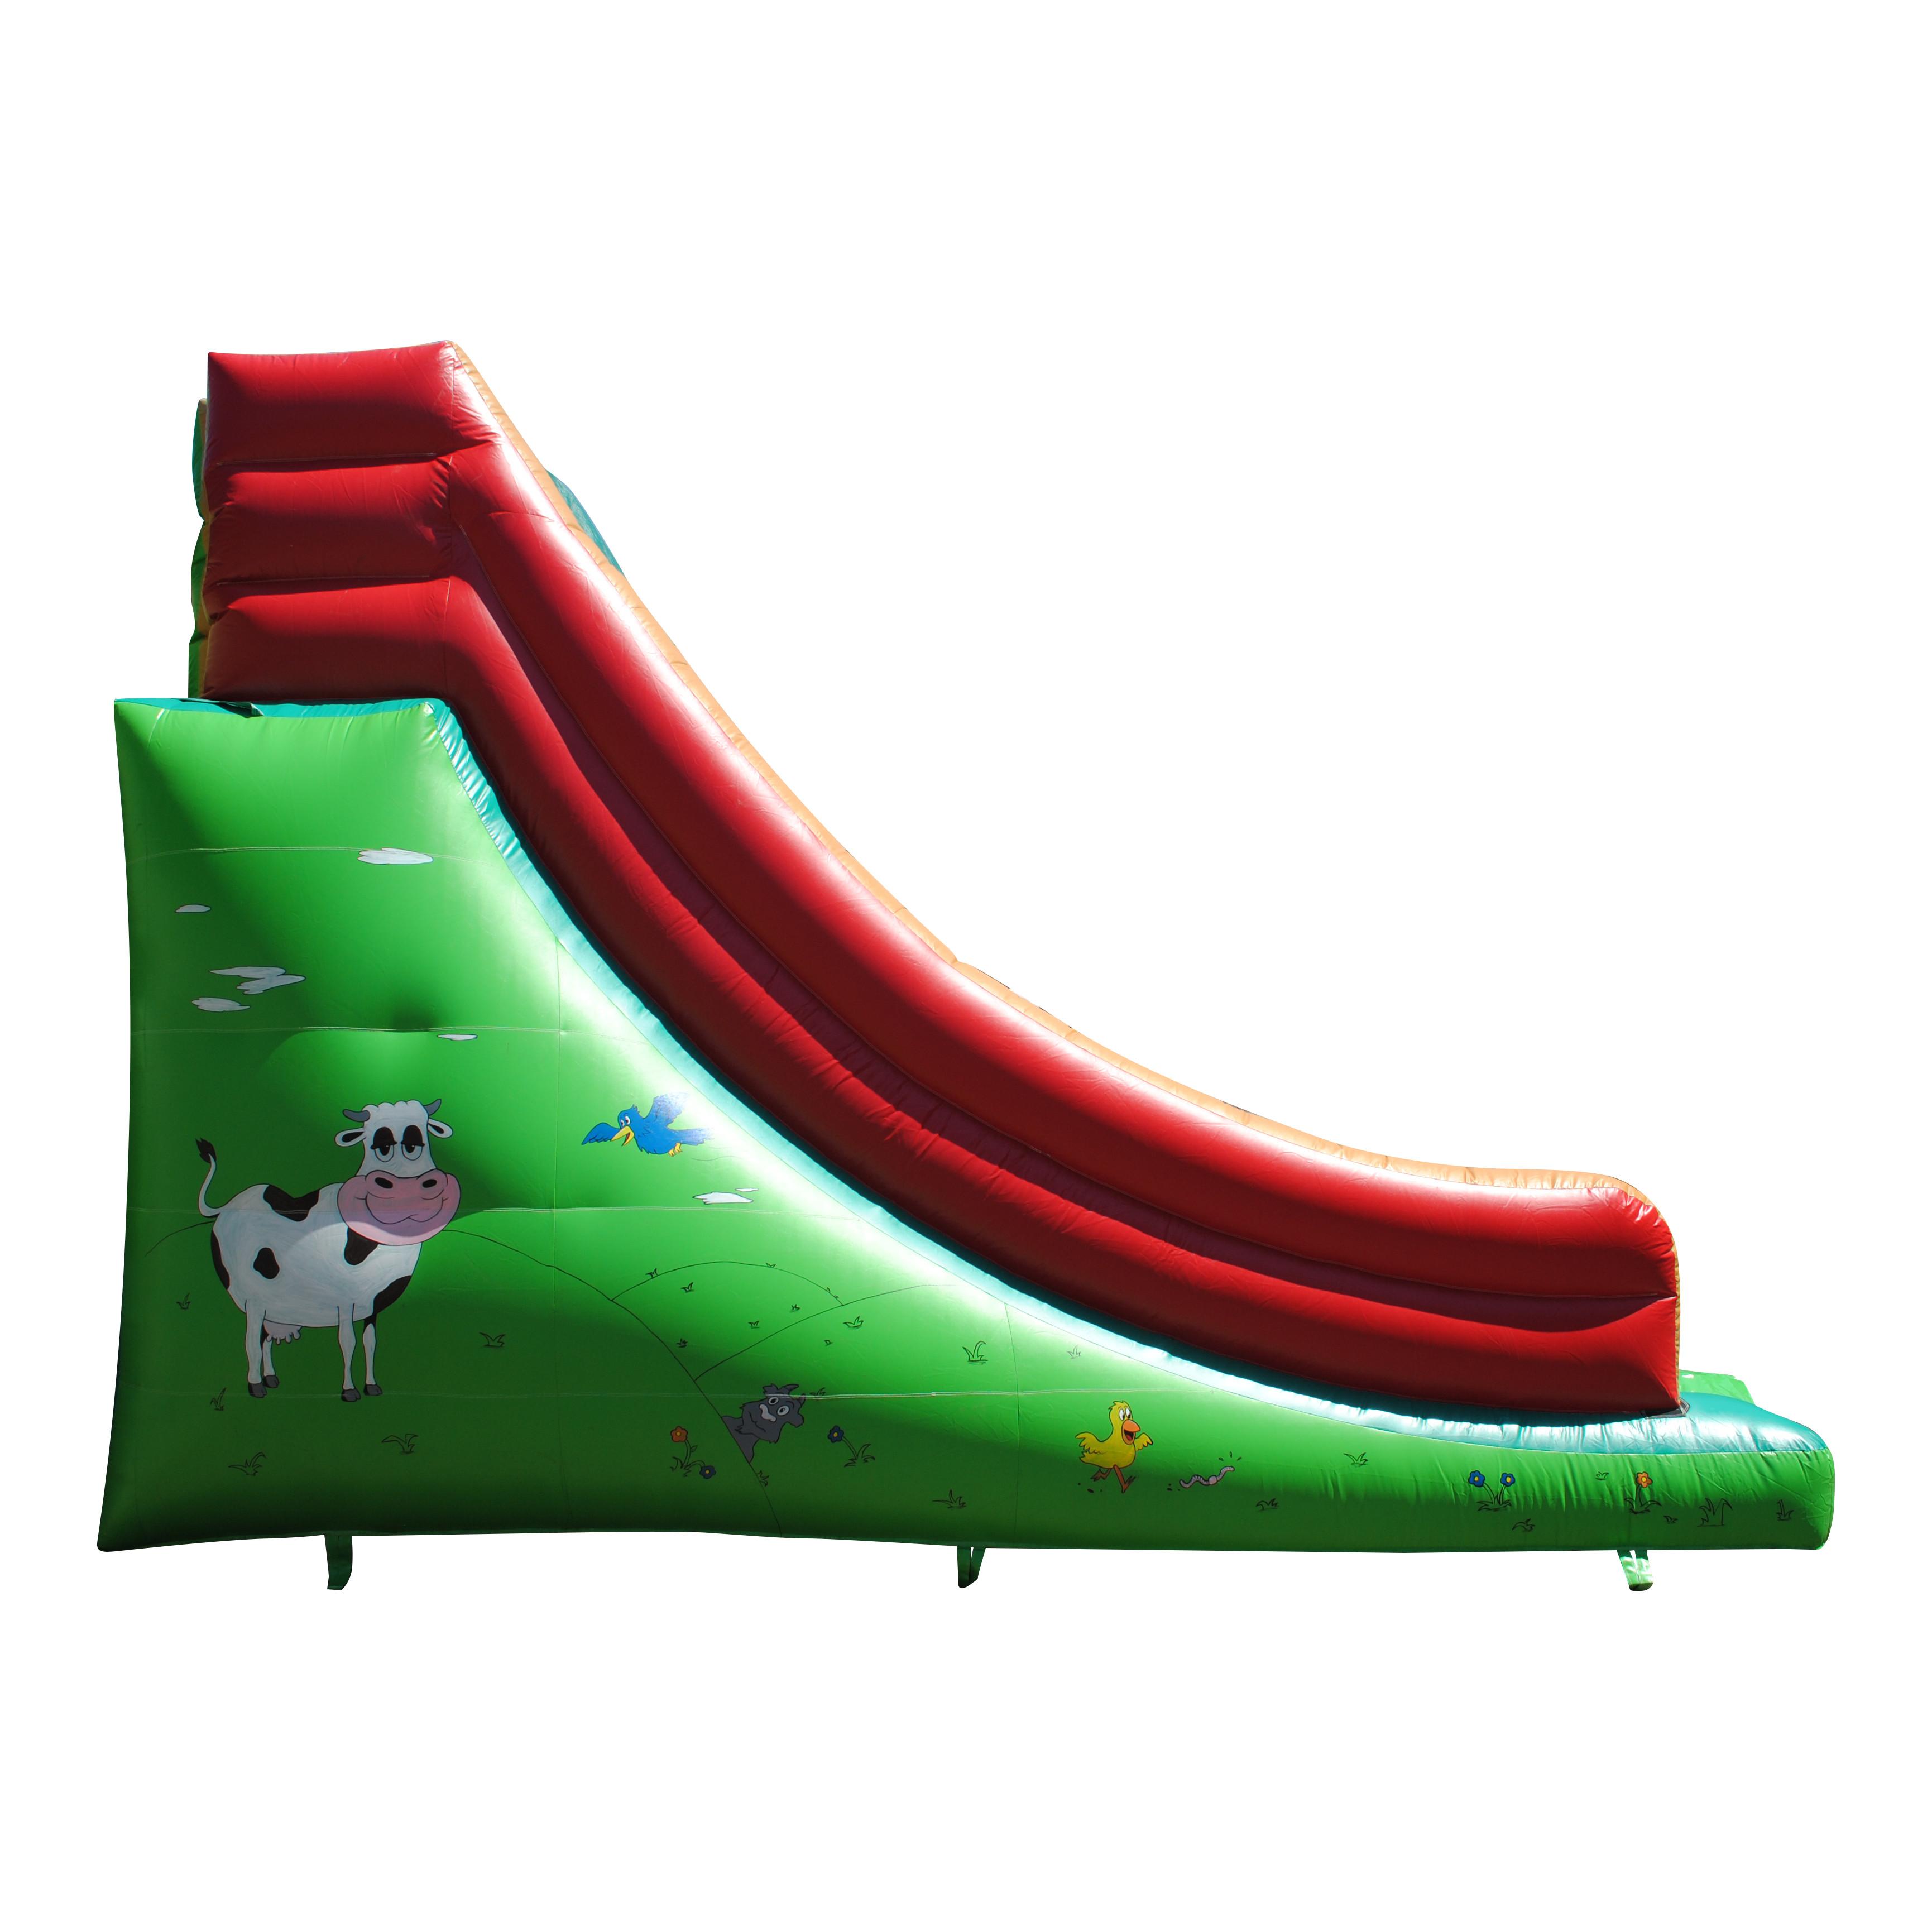 Inflatable Slide Hire Uk: 15 X 25ft Farmyard Super Slide